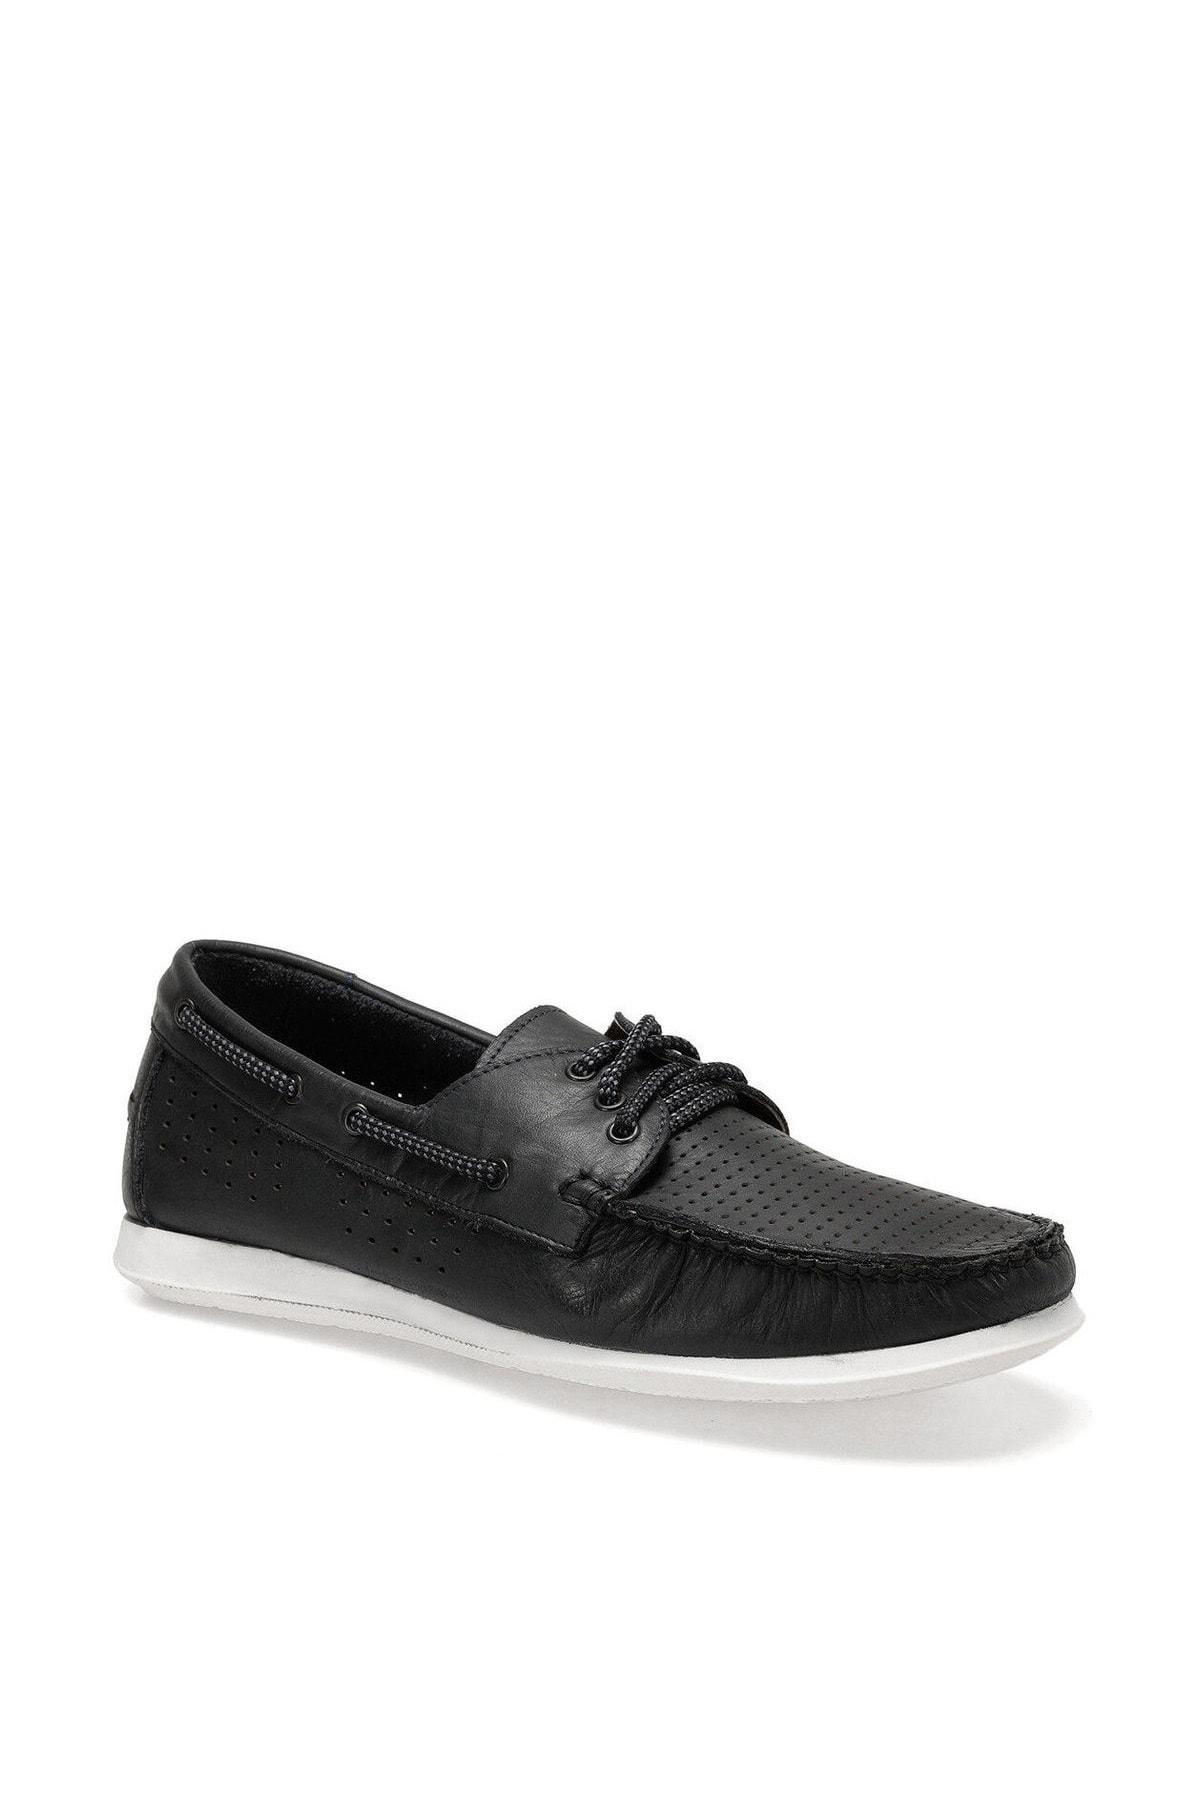 4256 Lacivert Erkek Ayakkabı 100523212